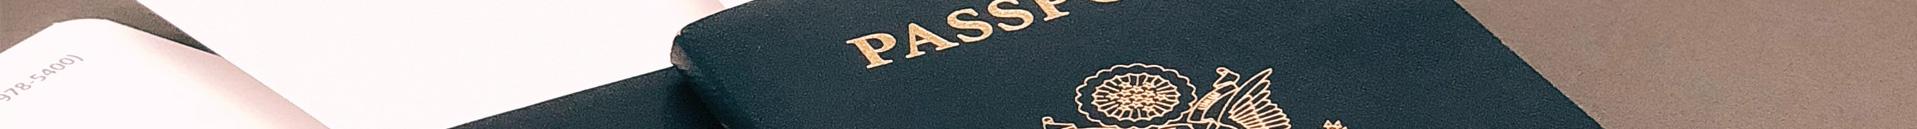 Перевод паспорта иностранного гражданина для любых целей